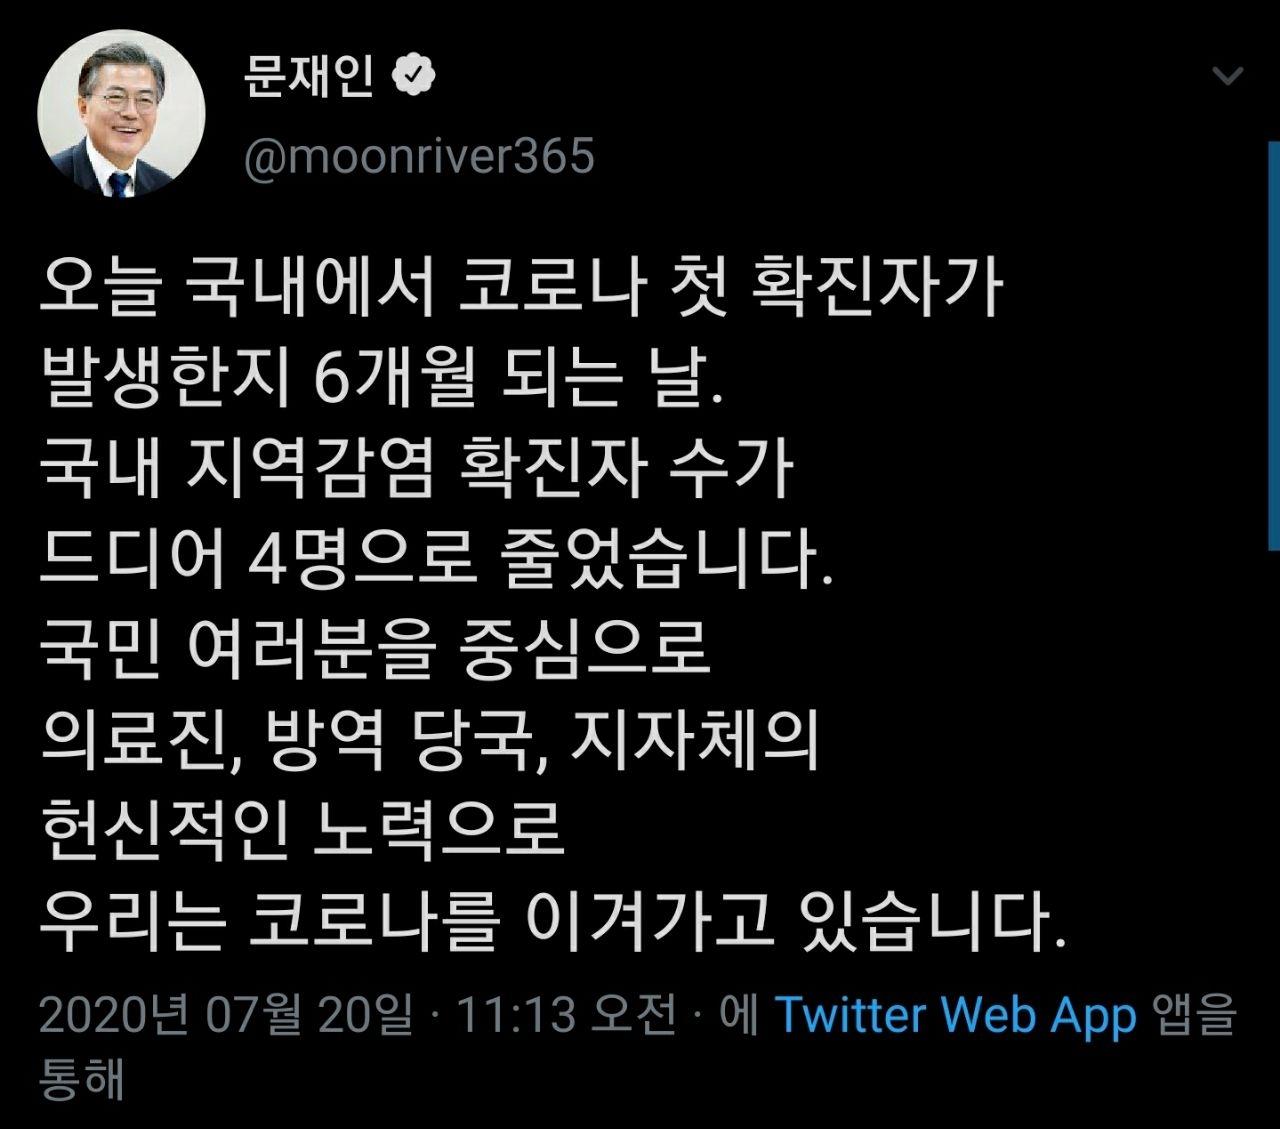 지난 7월 20일 올라온 문재인 대통령 SNS 캡처본 ⓒ문재인 대통령 트위터 캡처